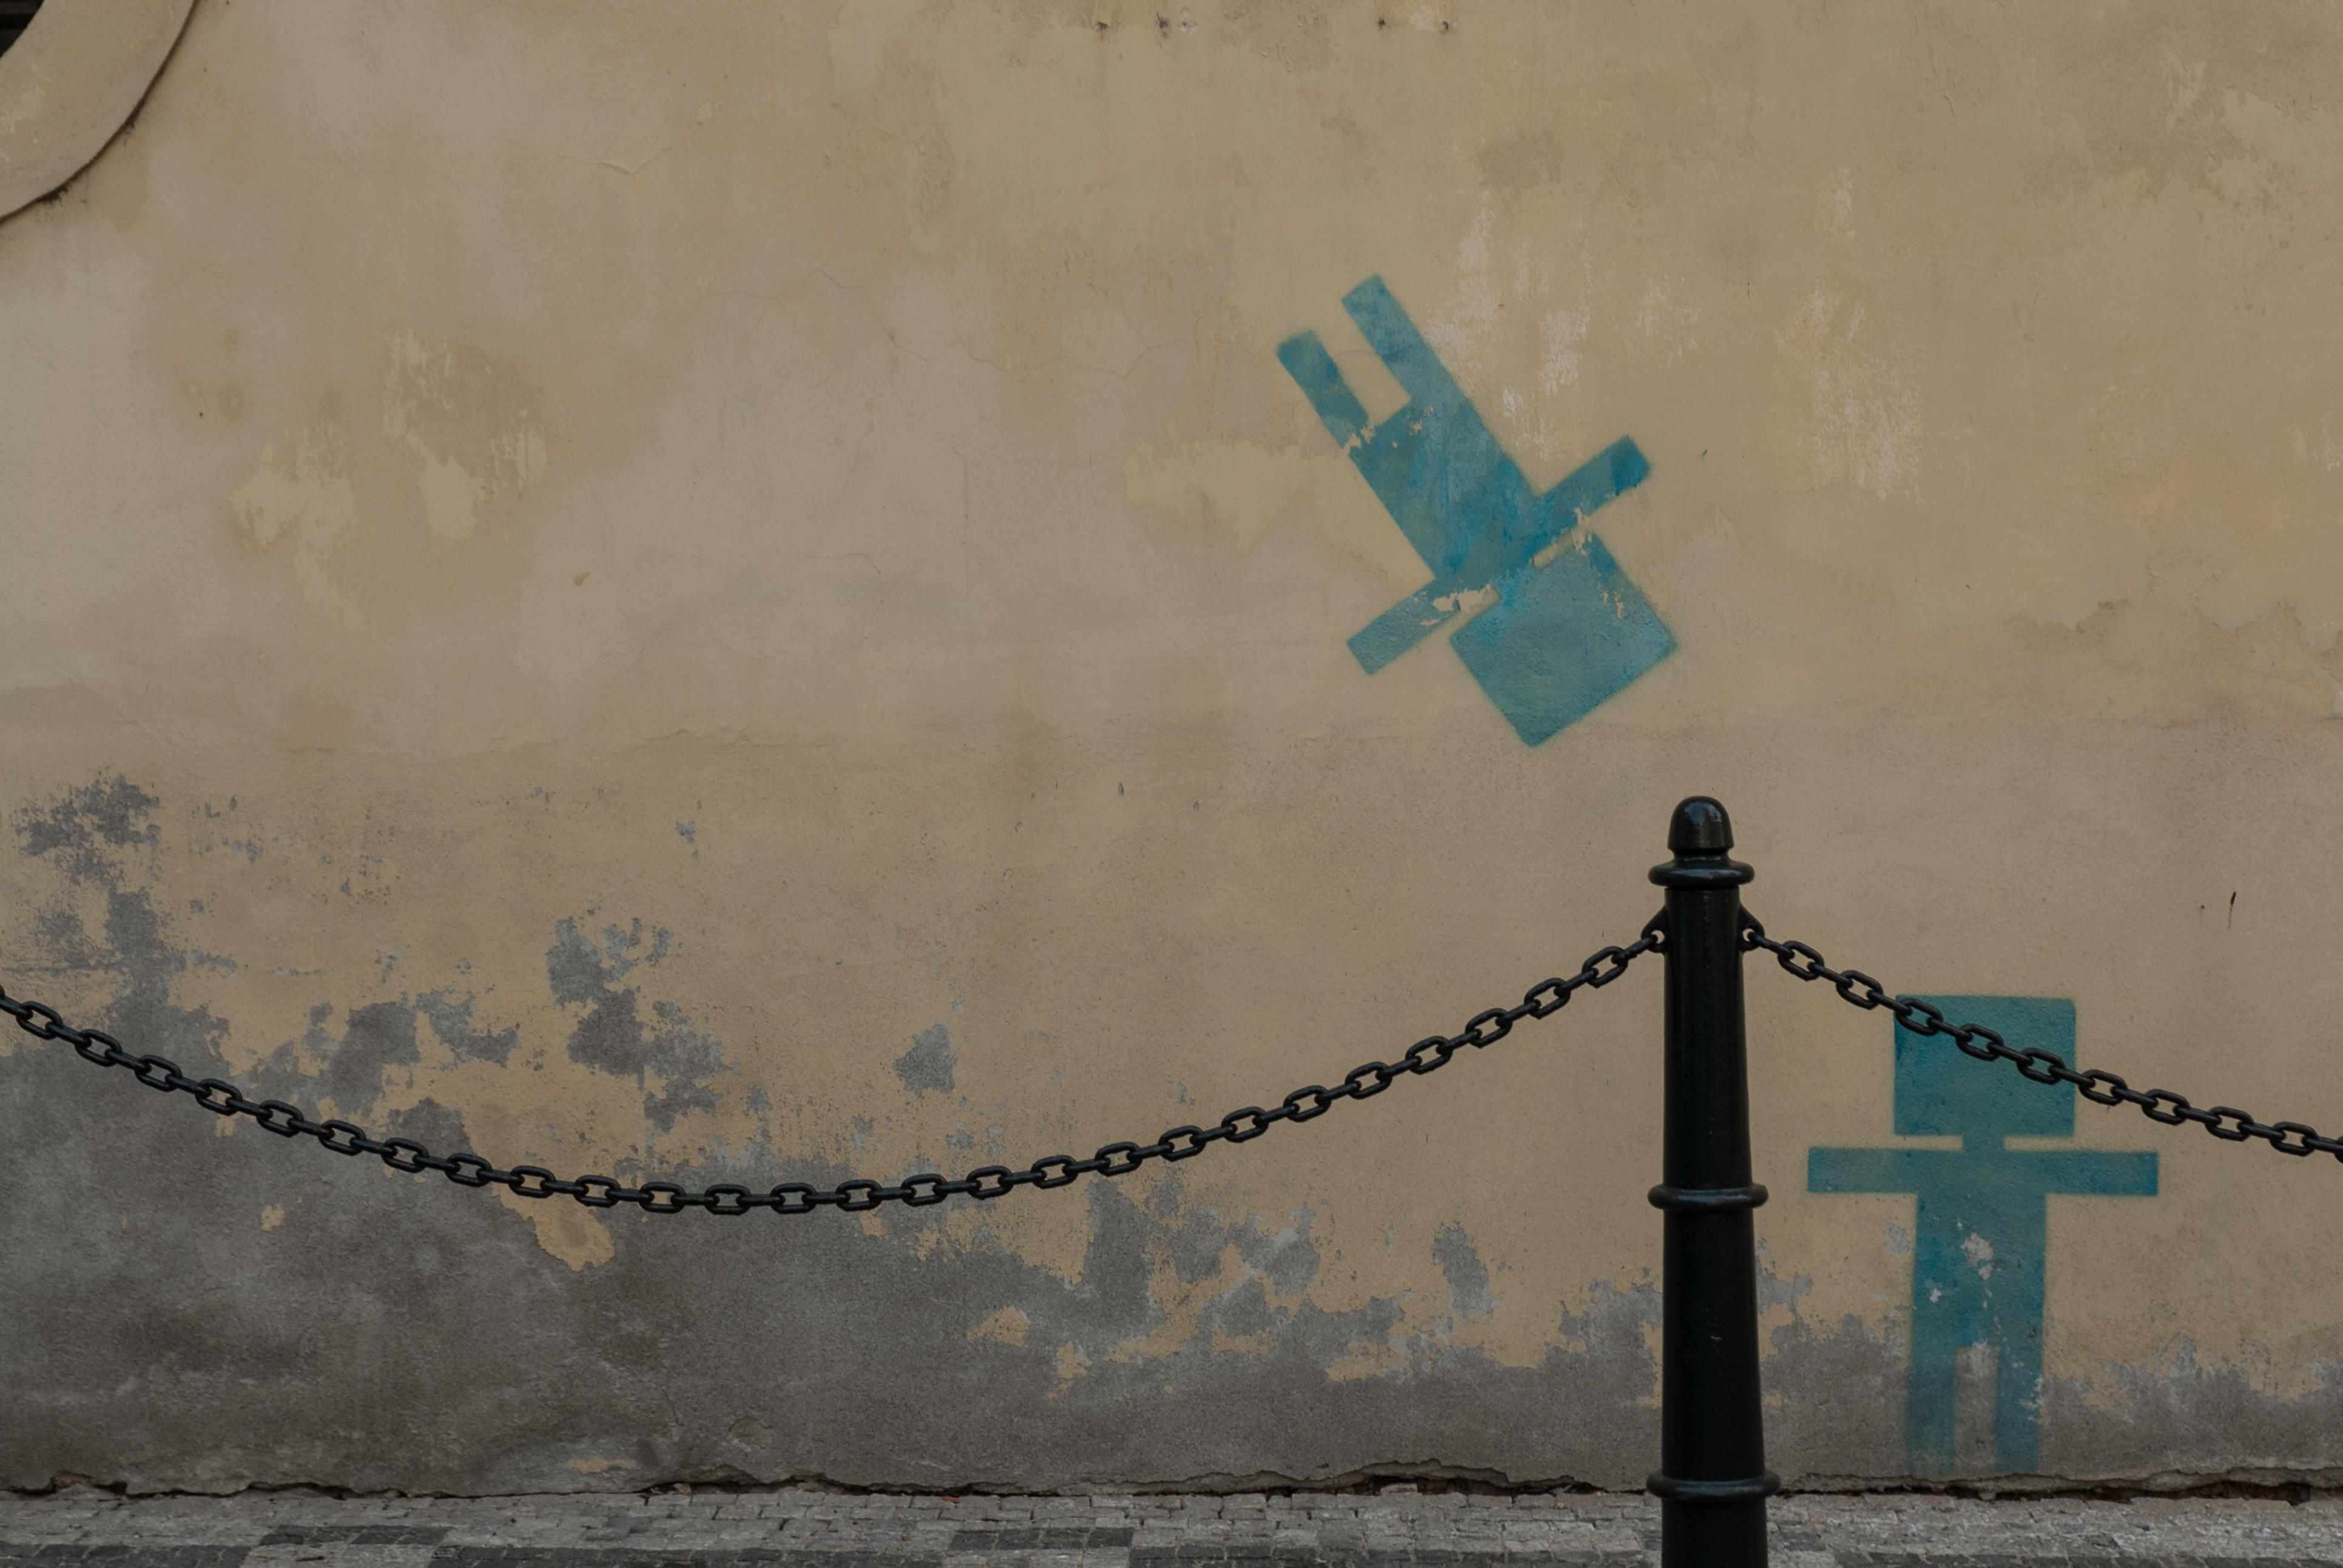 Street Wall Curb Sidewalk Cobblestone Graffiti Streeetart Chain Decay Old Shabby City Urban Exploration